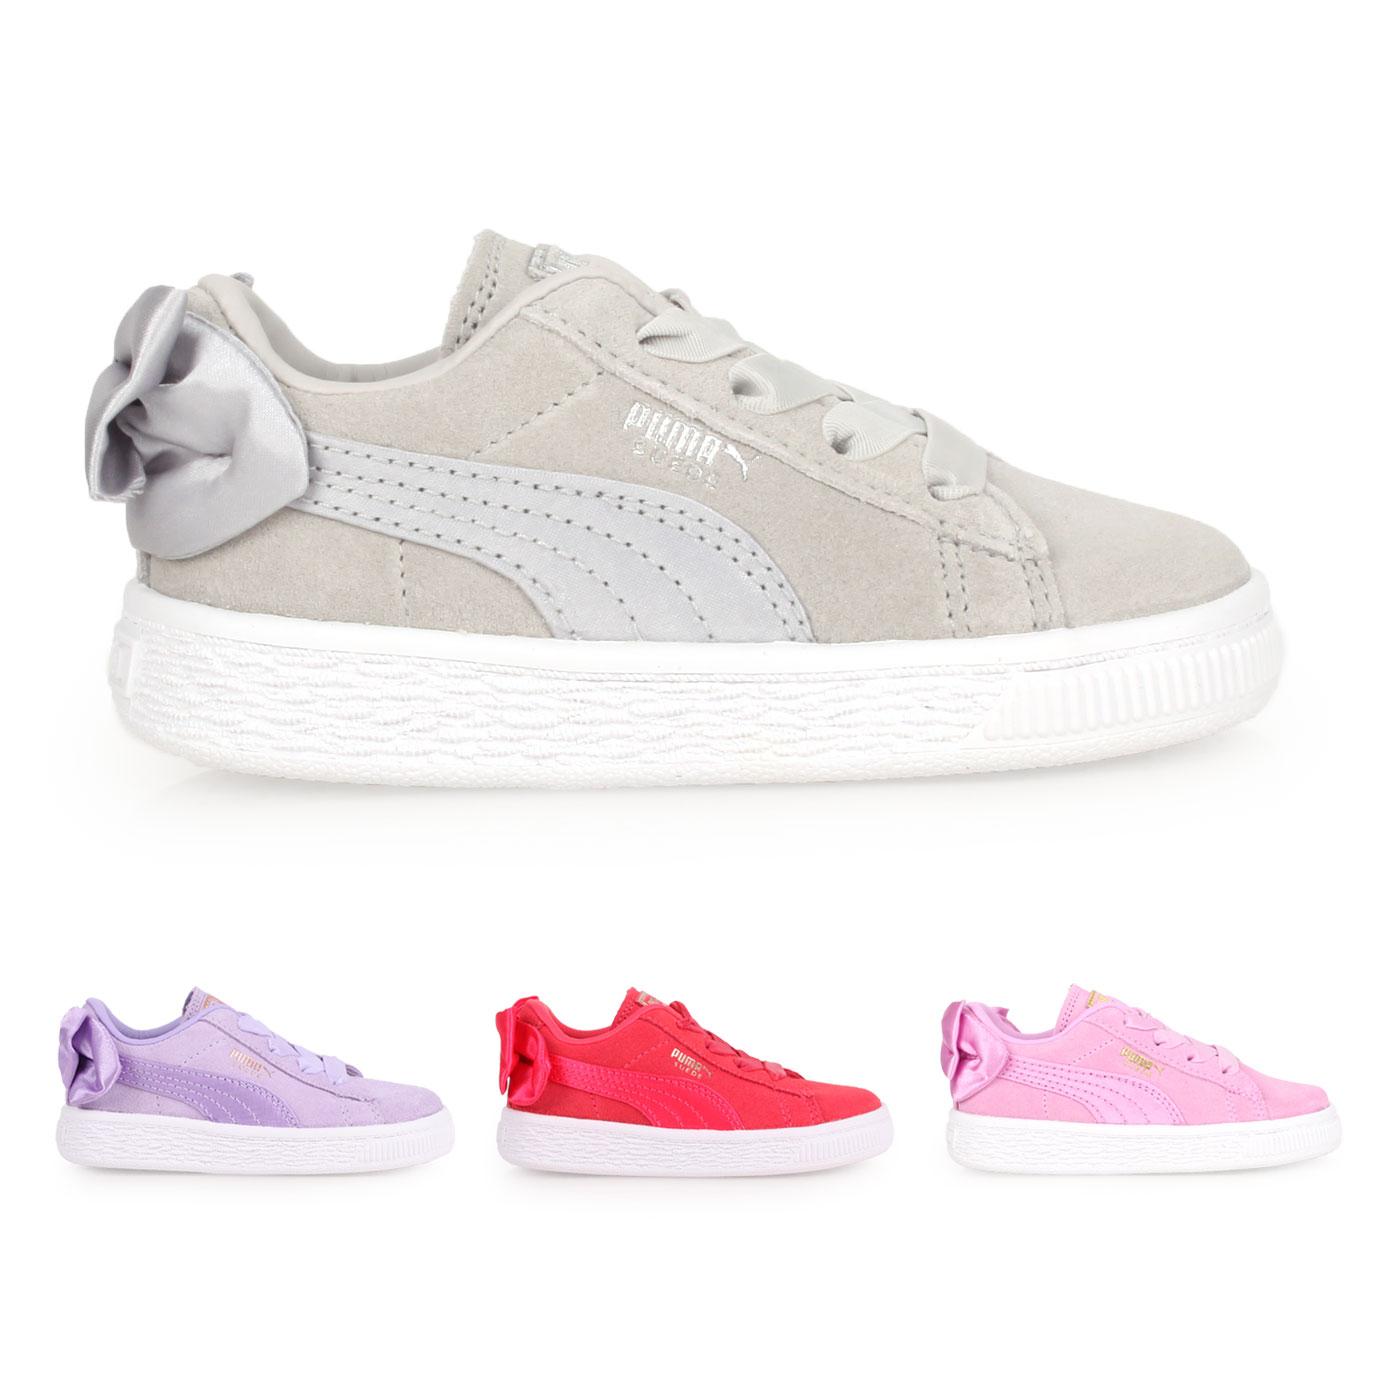 PUMA 兒童休閒運動鞋(蝴蝶結款)  @Suede Bow AC Inf@36732002